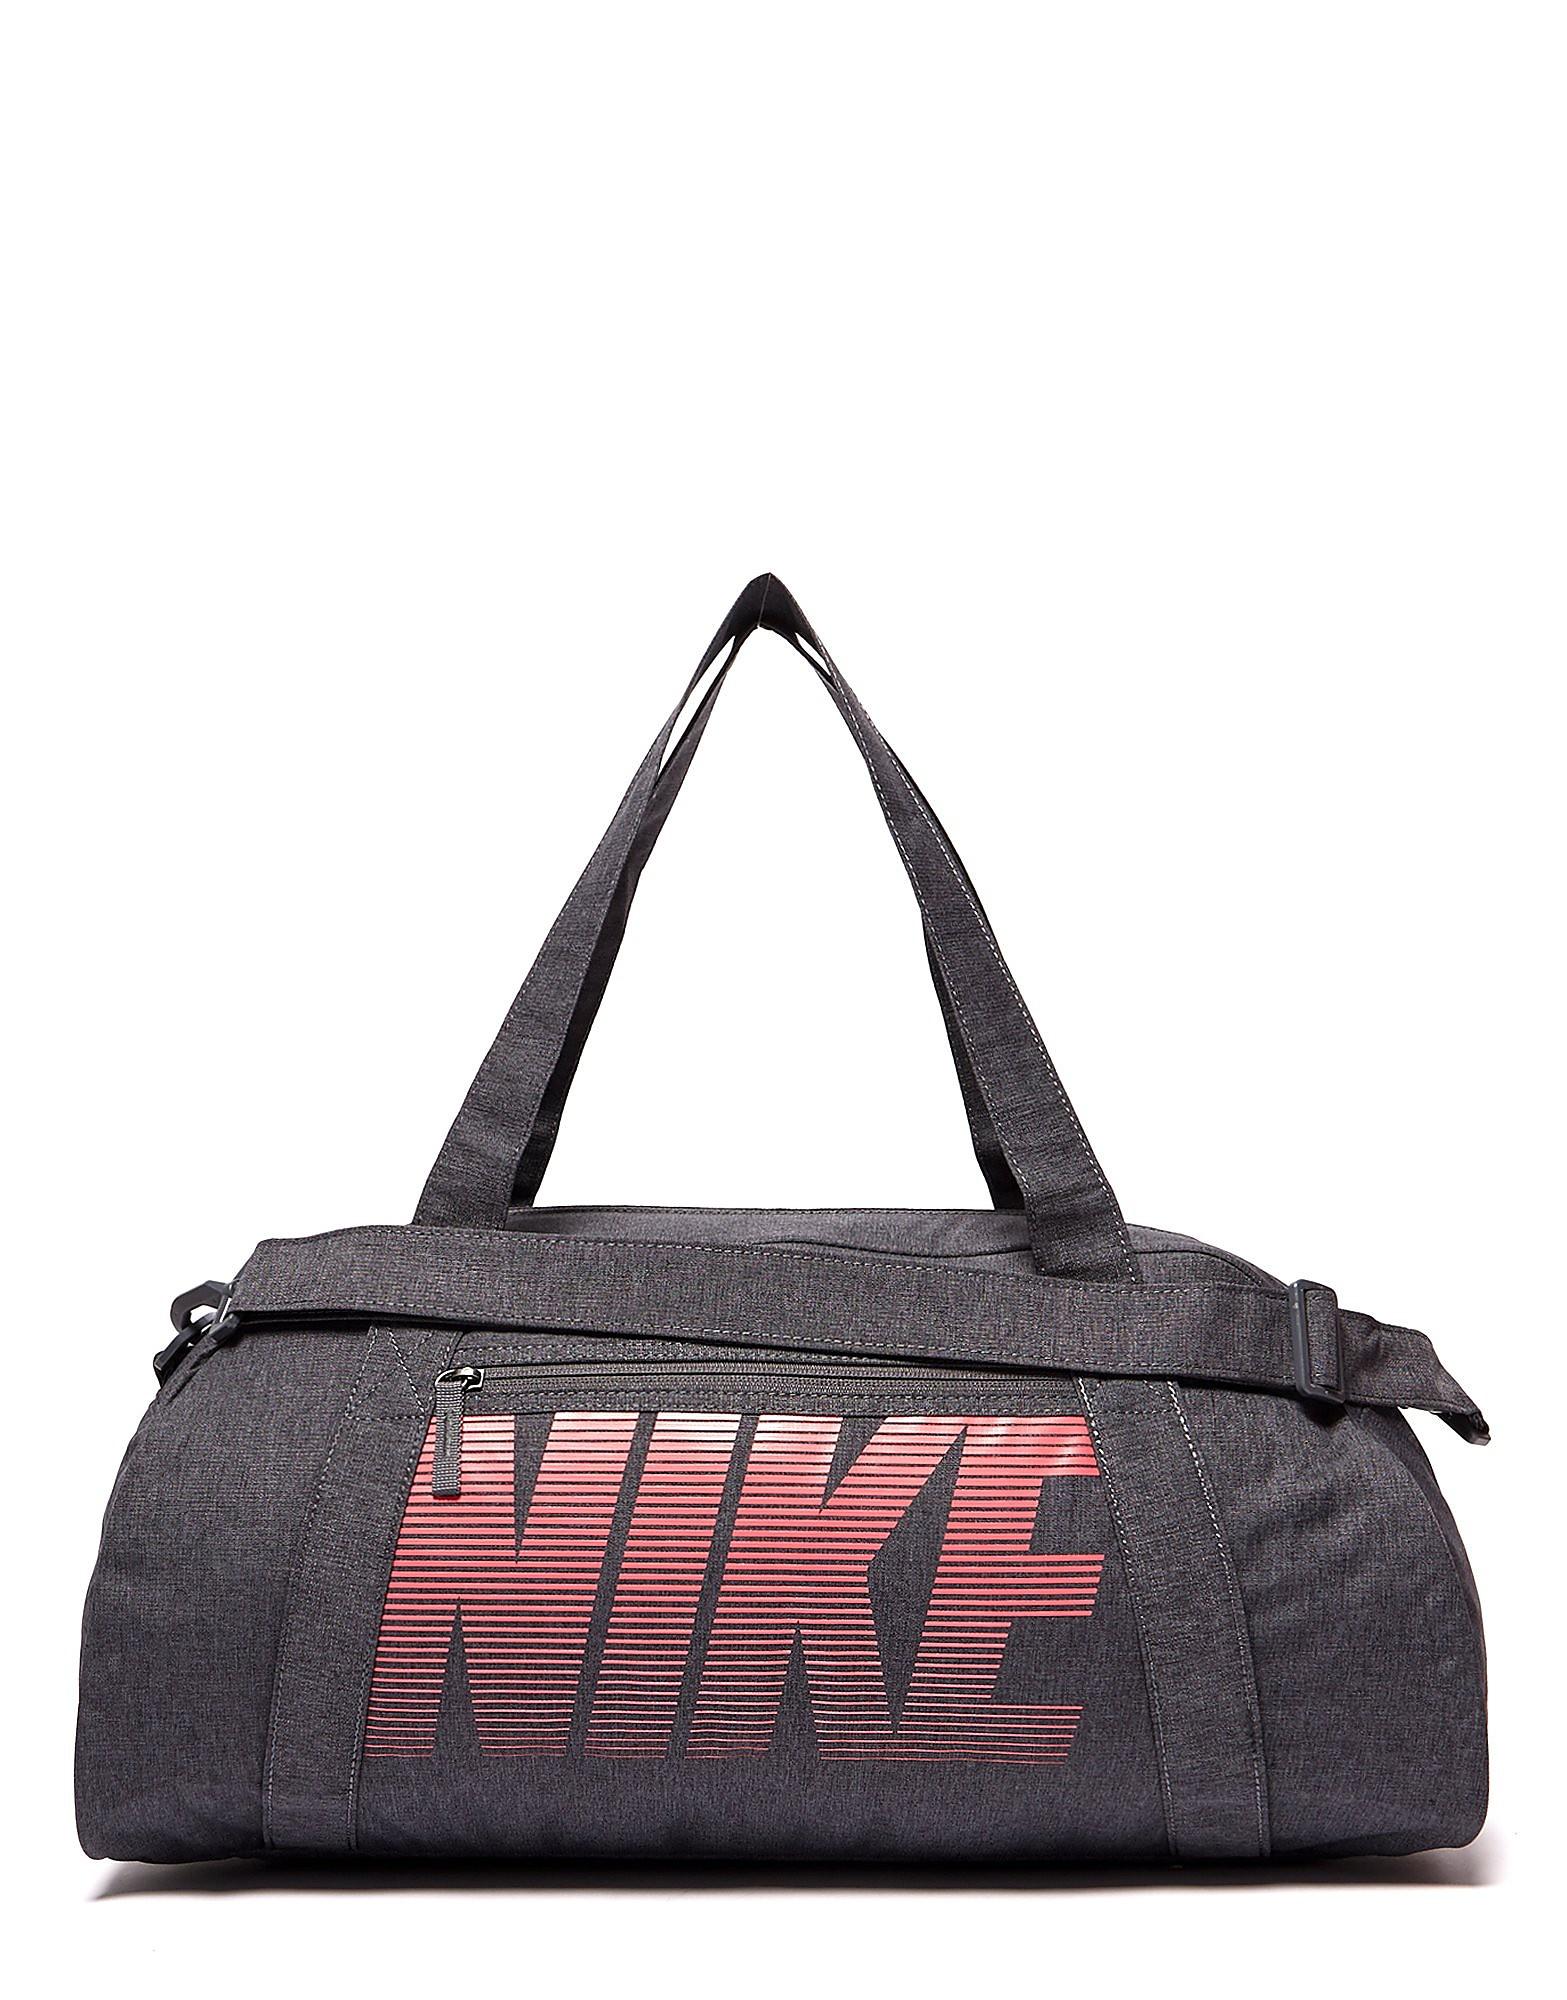 Nike bolsa de deporte Gym Club Training